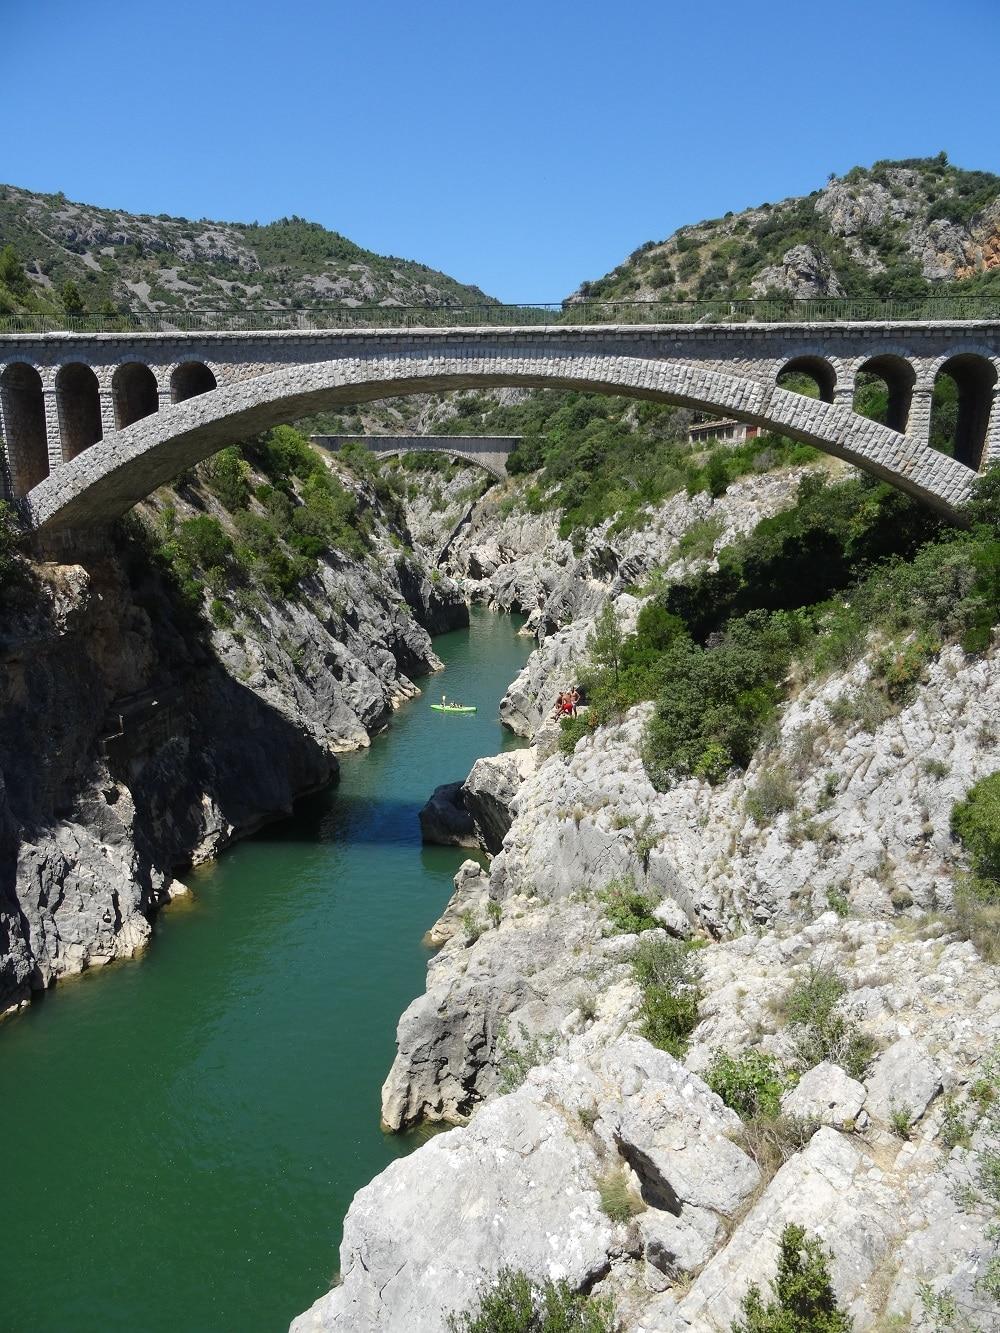 Les gorges de l'Hérault vues depuis le pont du Diable - Visite en camping-car